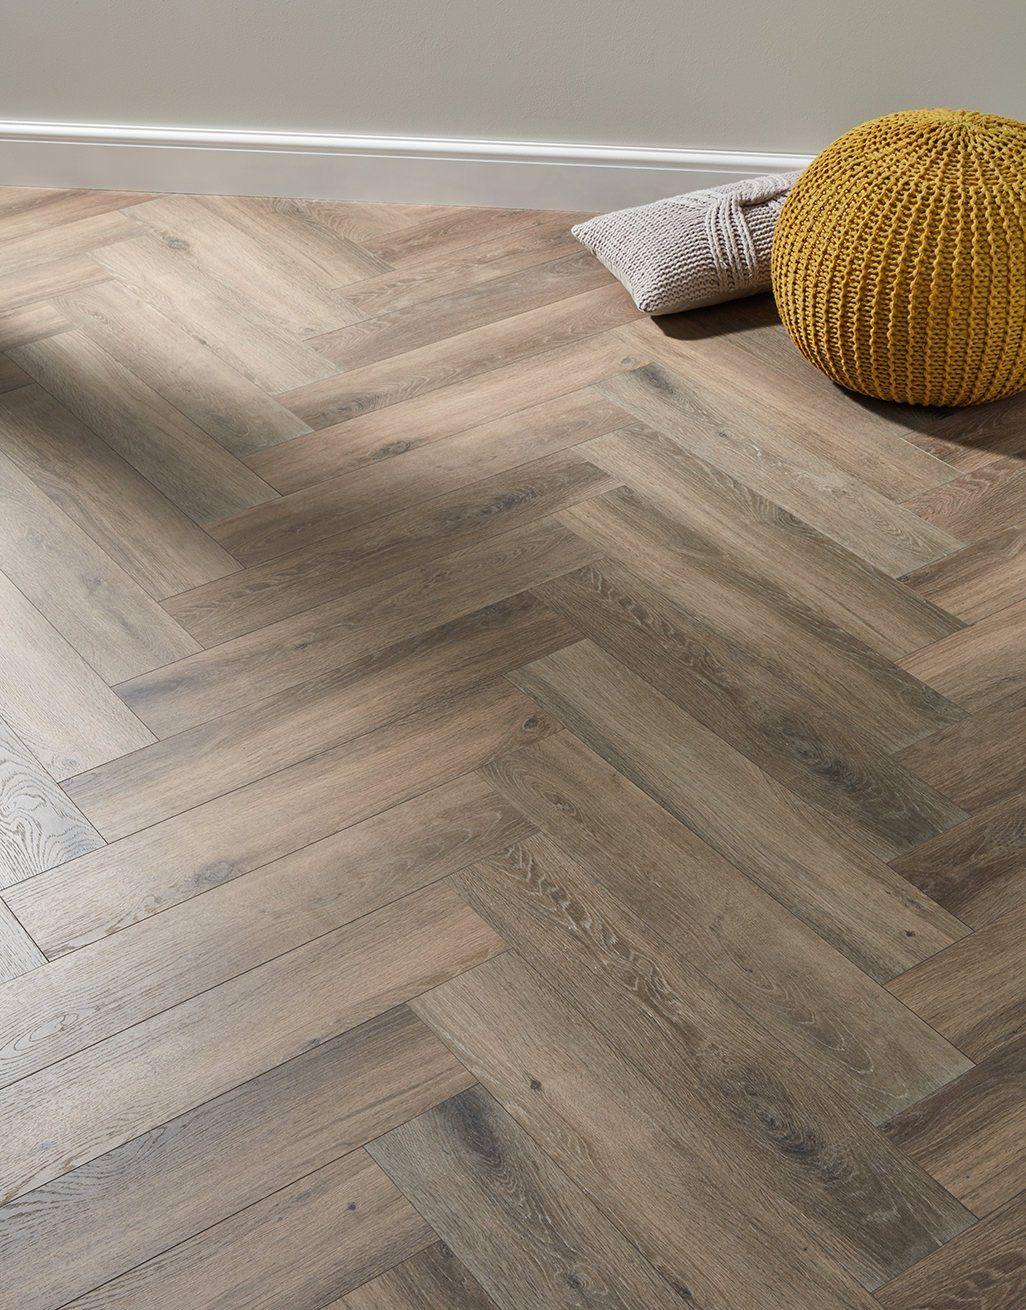 Palazzo Oak Laminate Flooring, Herringbone Laminate Flooring